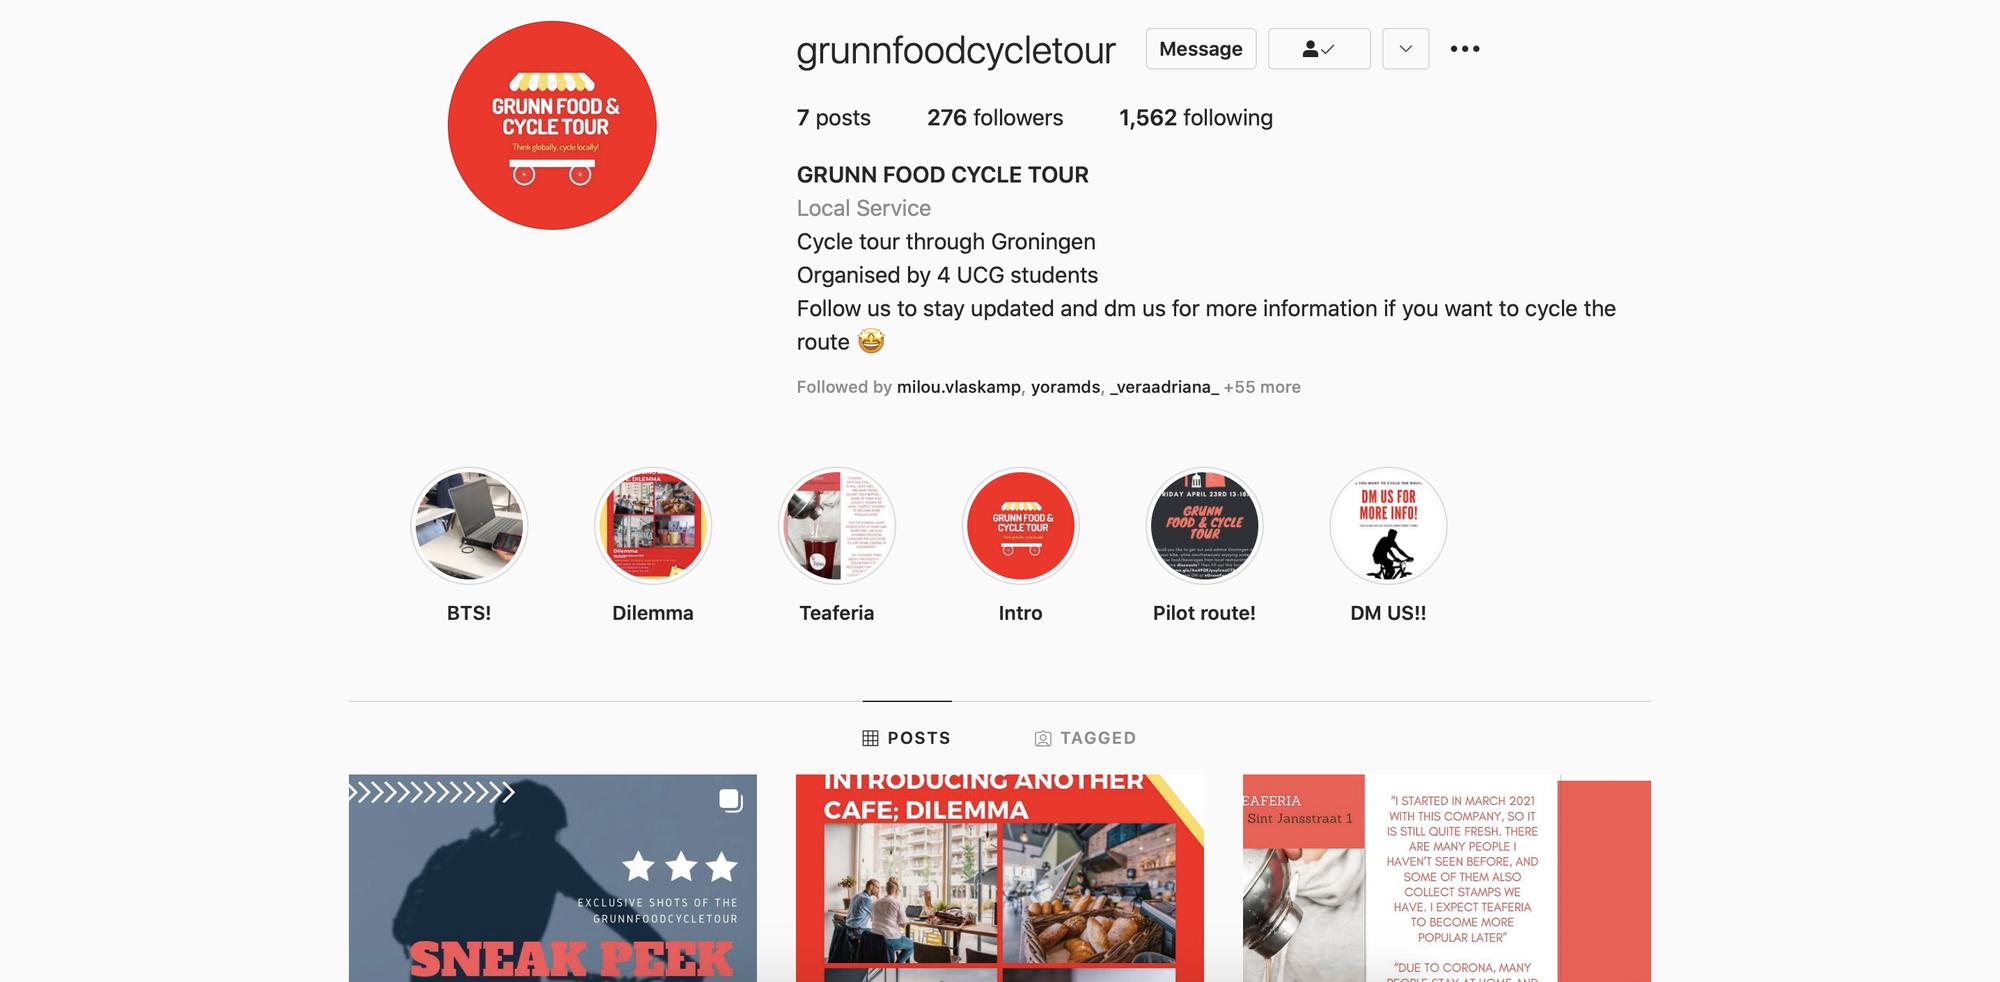 Grunn Food & Cycle Tour